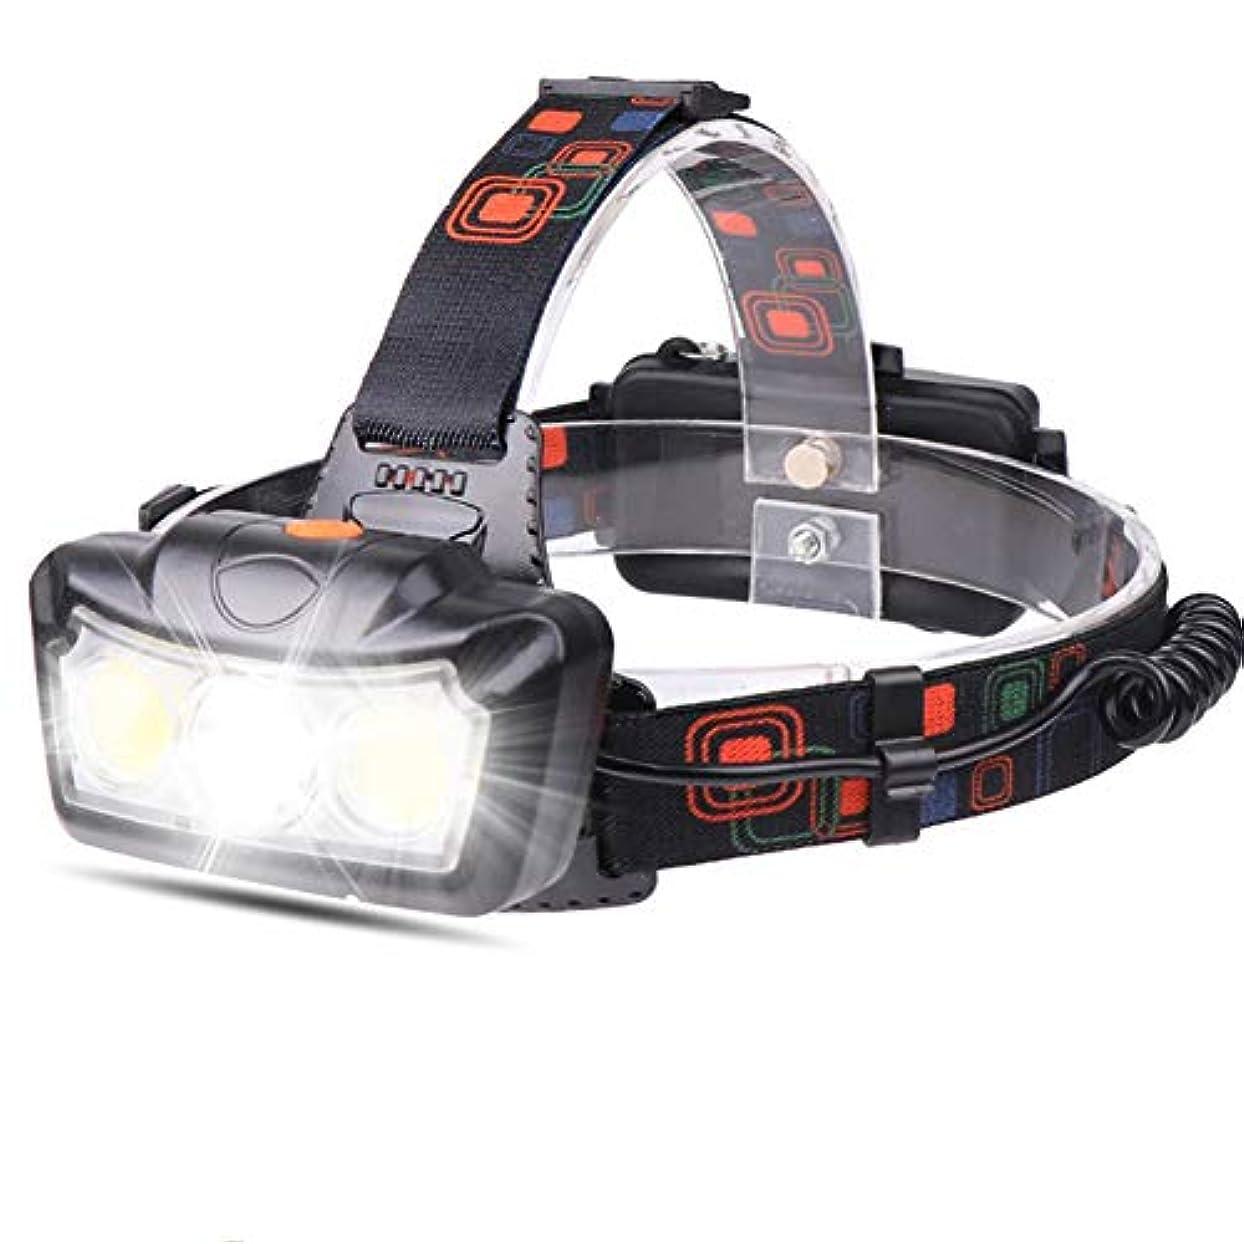 羨望夢傾斜ヘッドランプ、防水充電式LEDヘッドランプ、XML T6 + 2 * COB LED、90°調整可能IPX6防水家庭用アウトドアキャンプハイキングランニングフィッシング